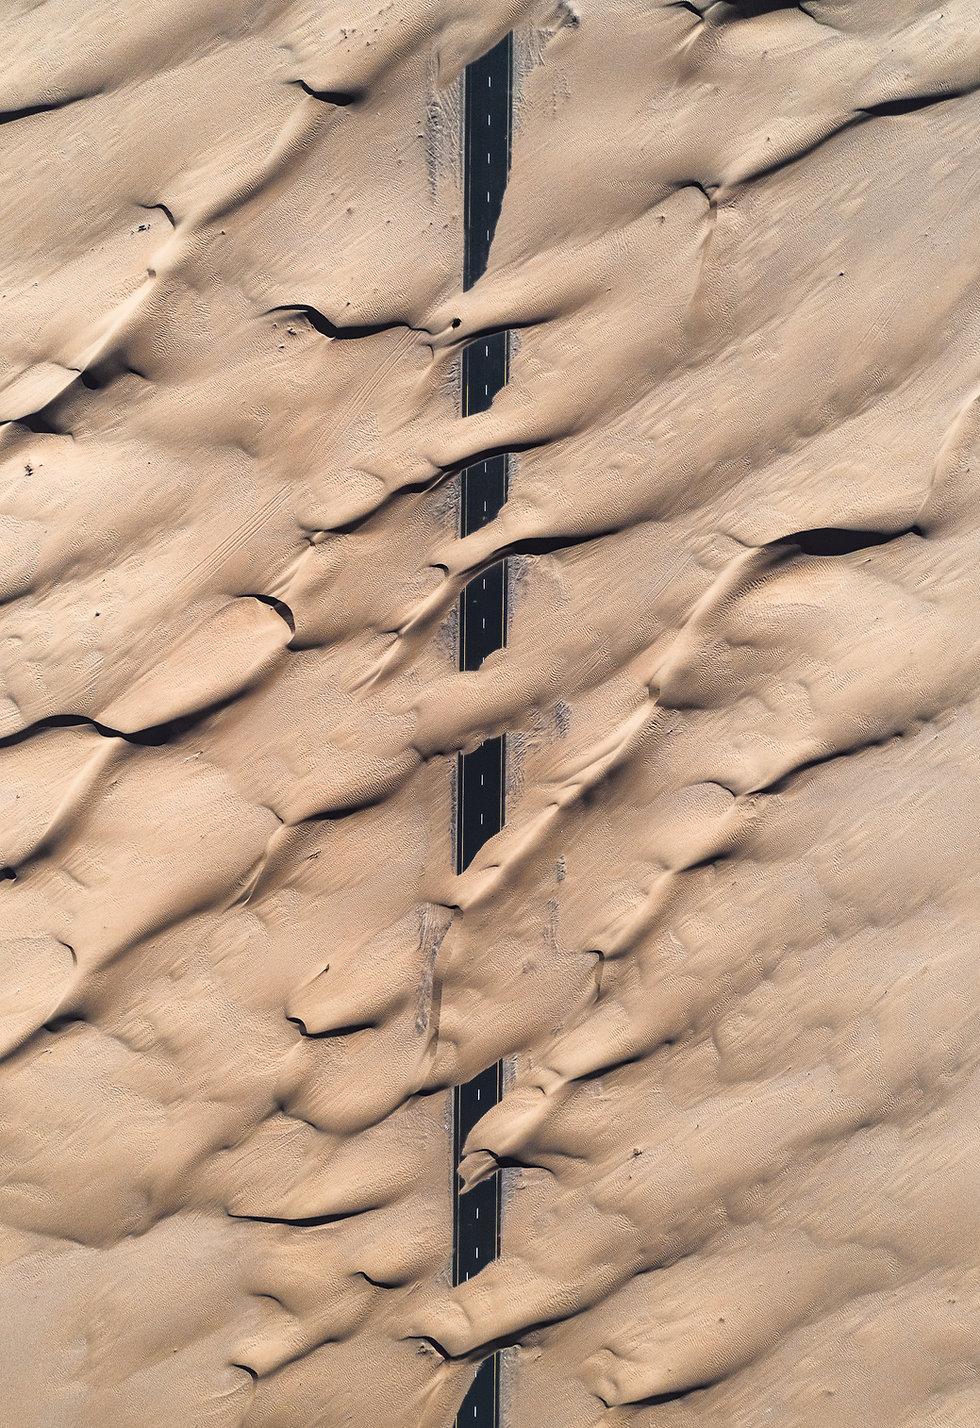 Top shot of desert landscape